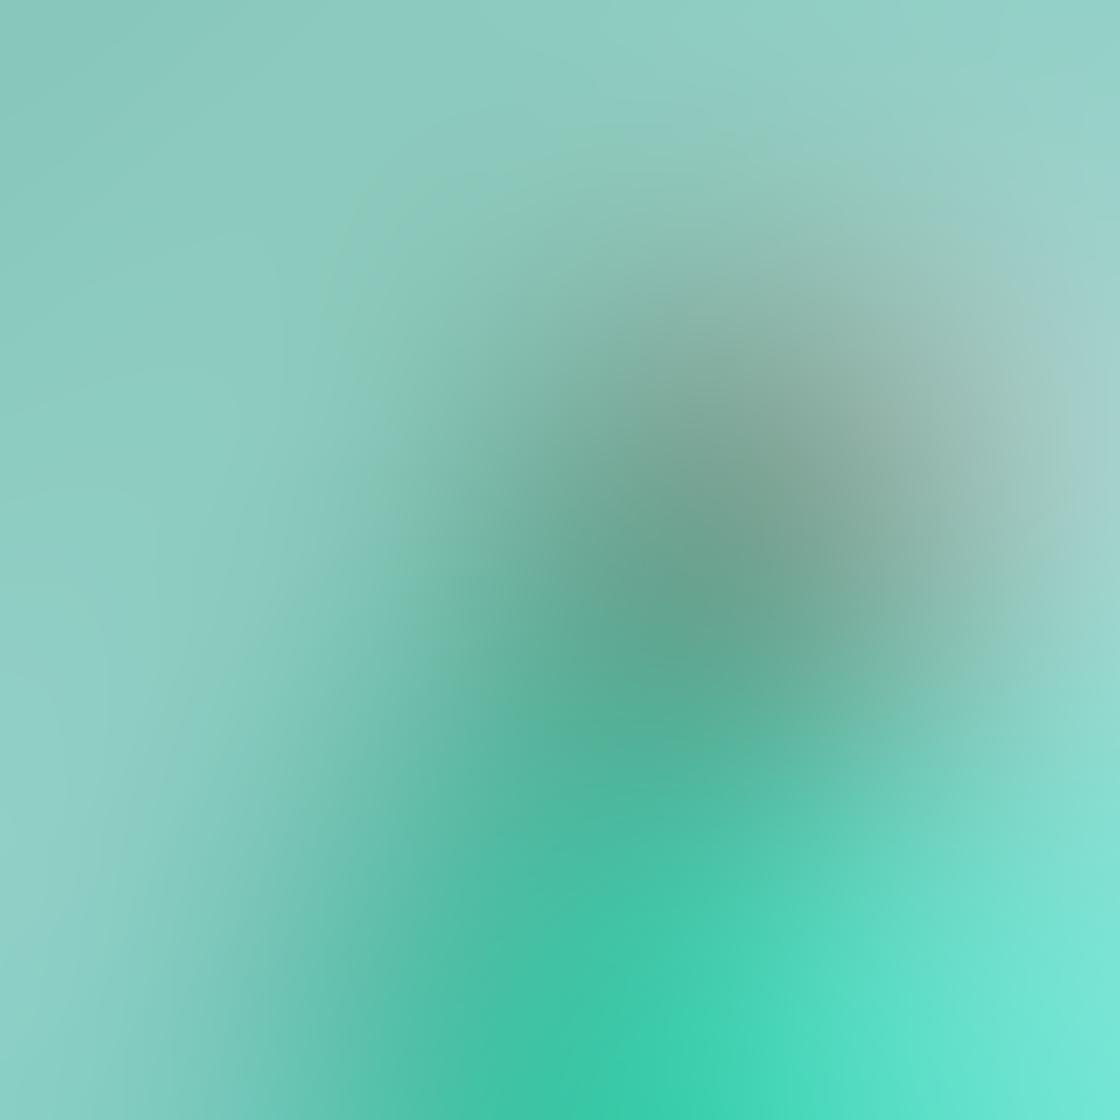 Green iPhone Photos 12